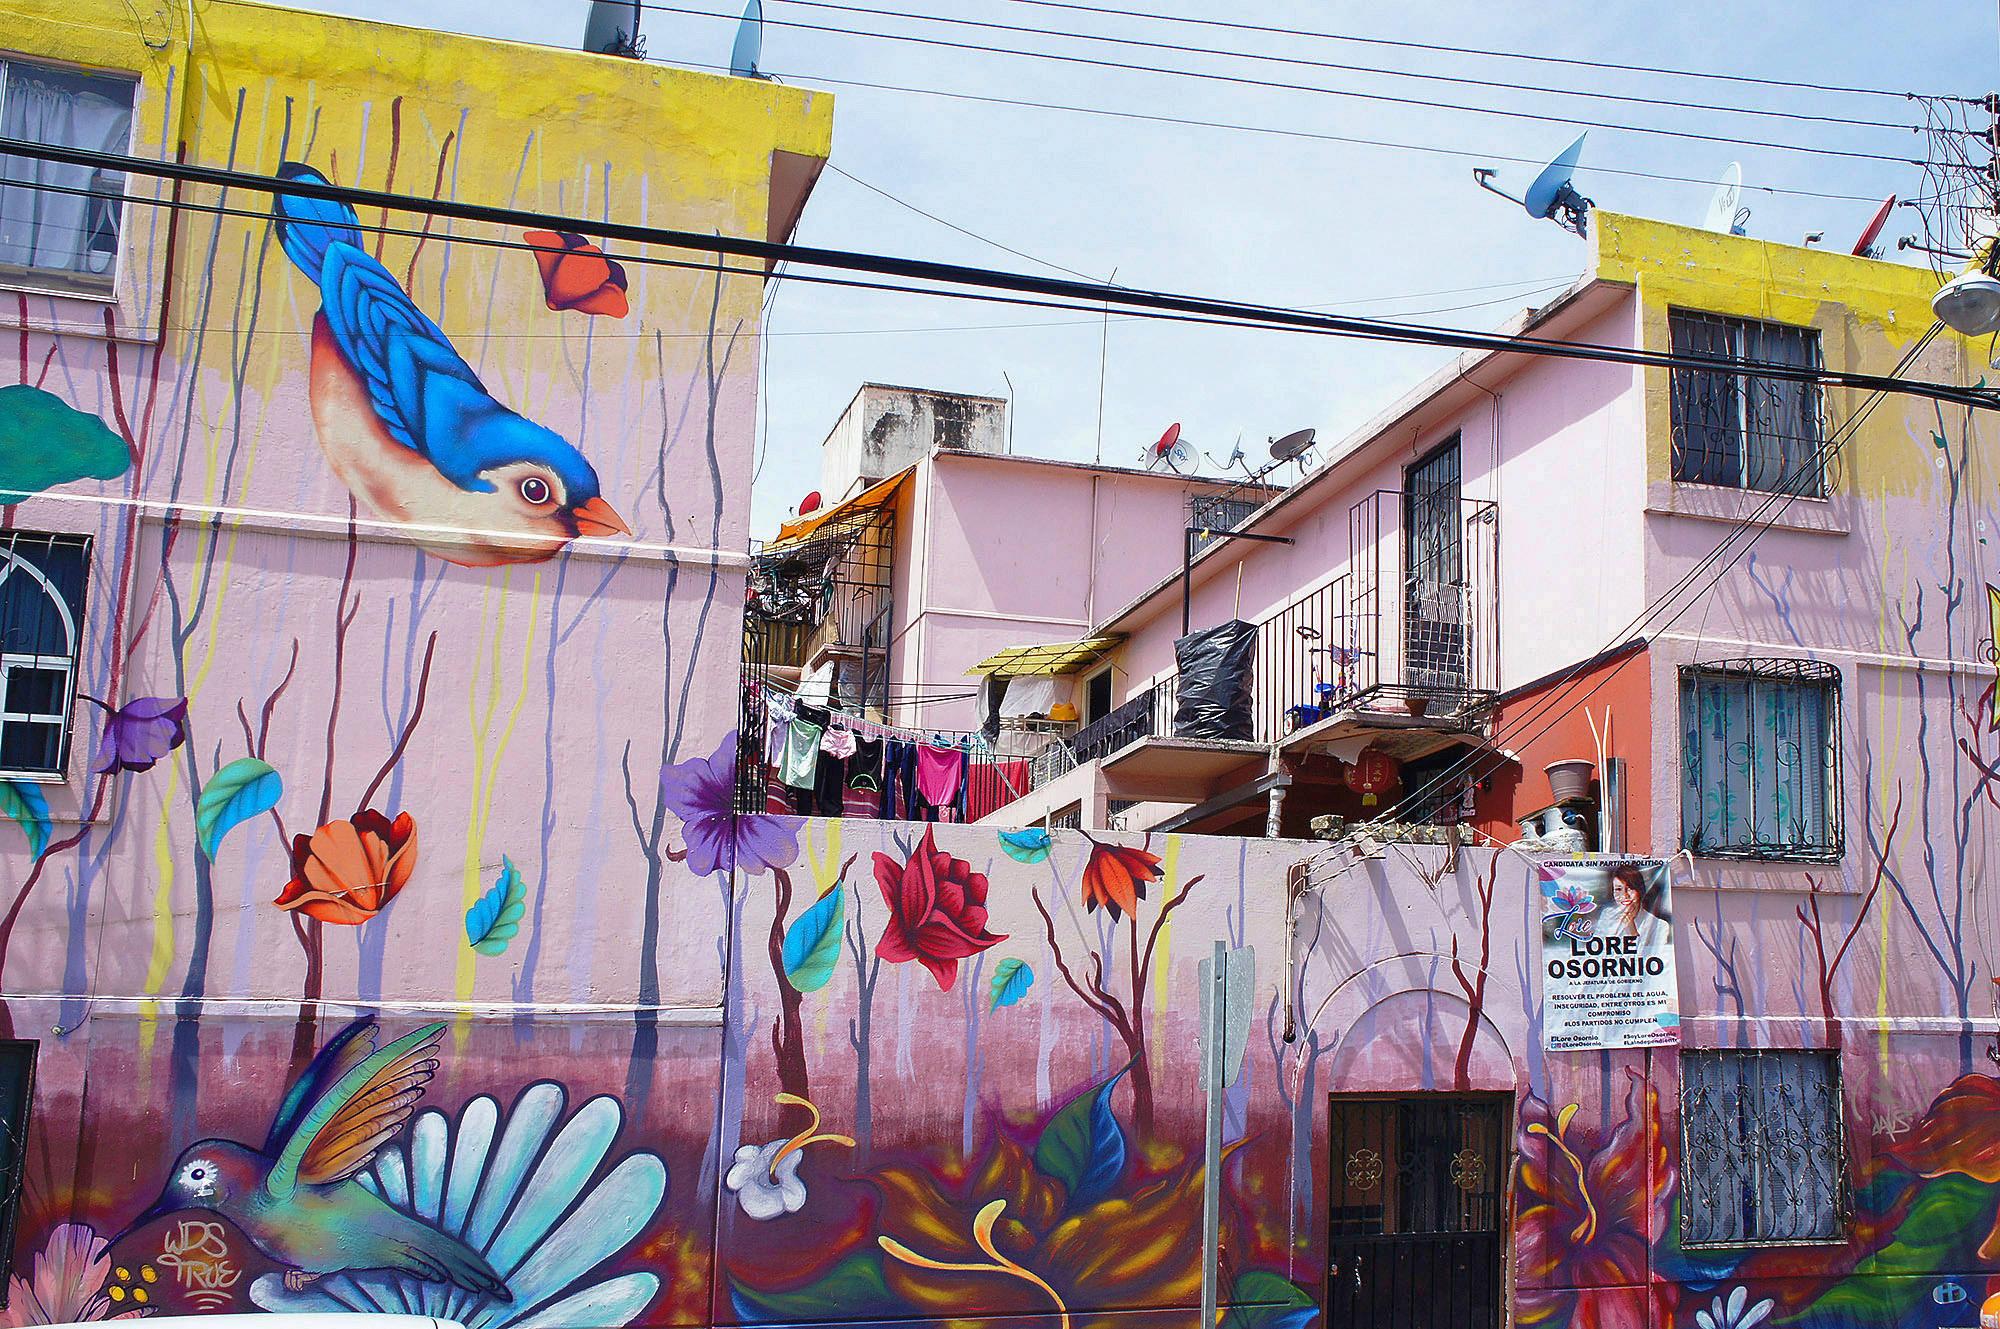 Многие дома расписаны граффити